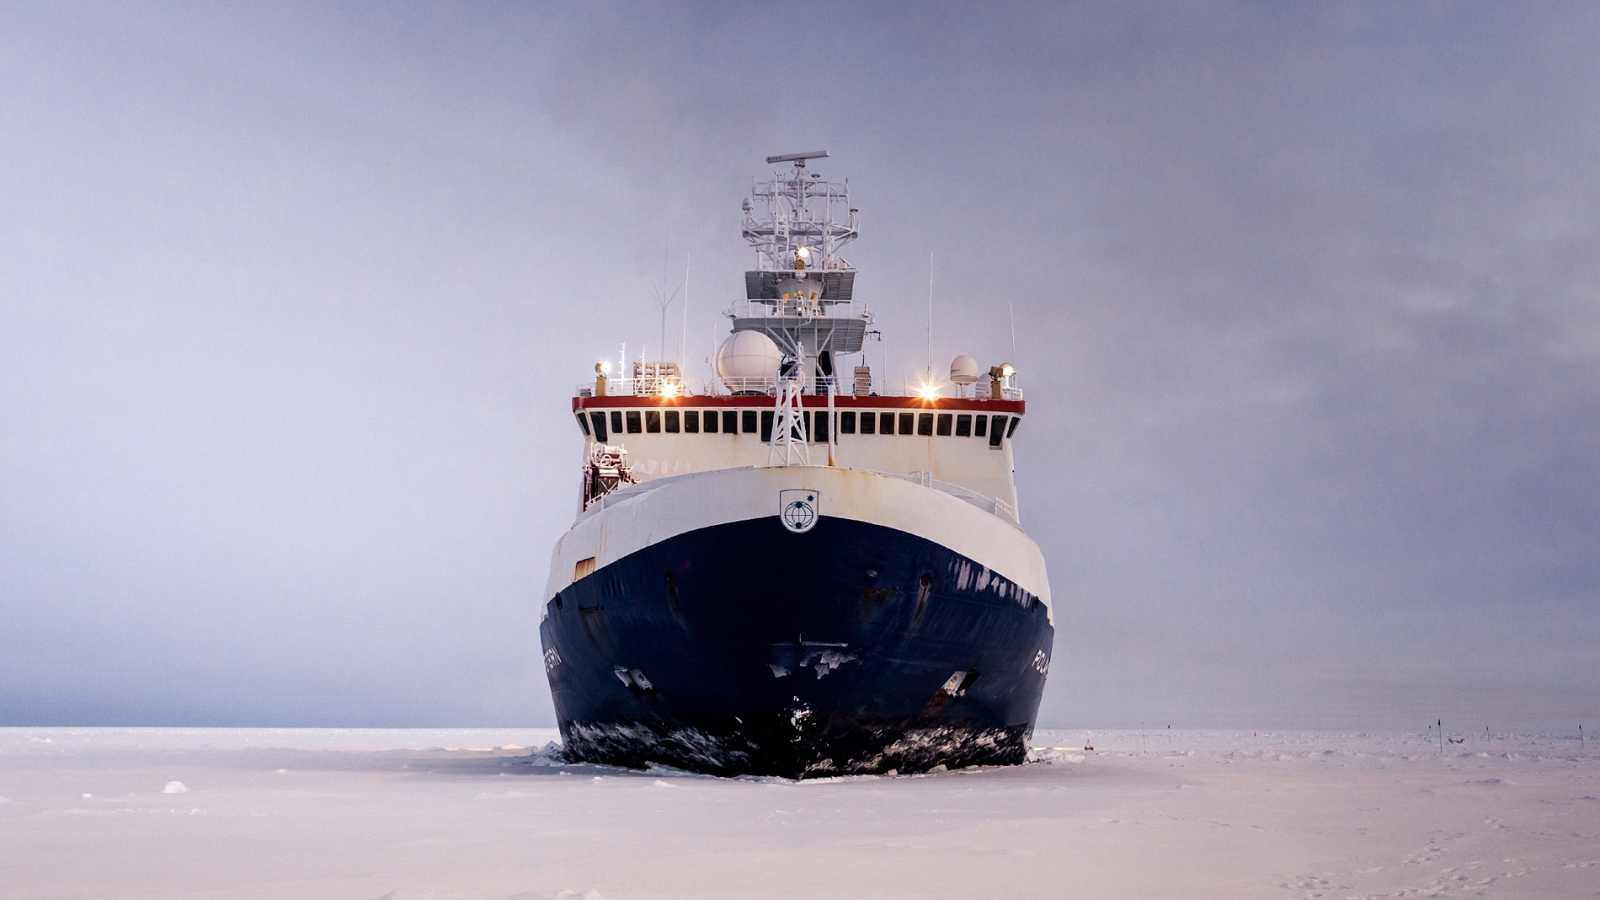 La misión MOSAIC pasará un año en el Ártico para mejorar el conocimiento sobre el cambio climático